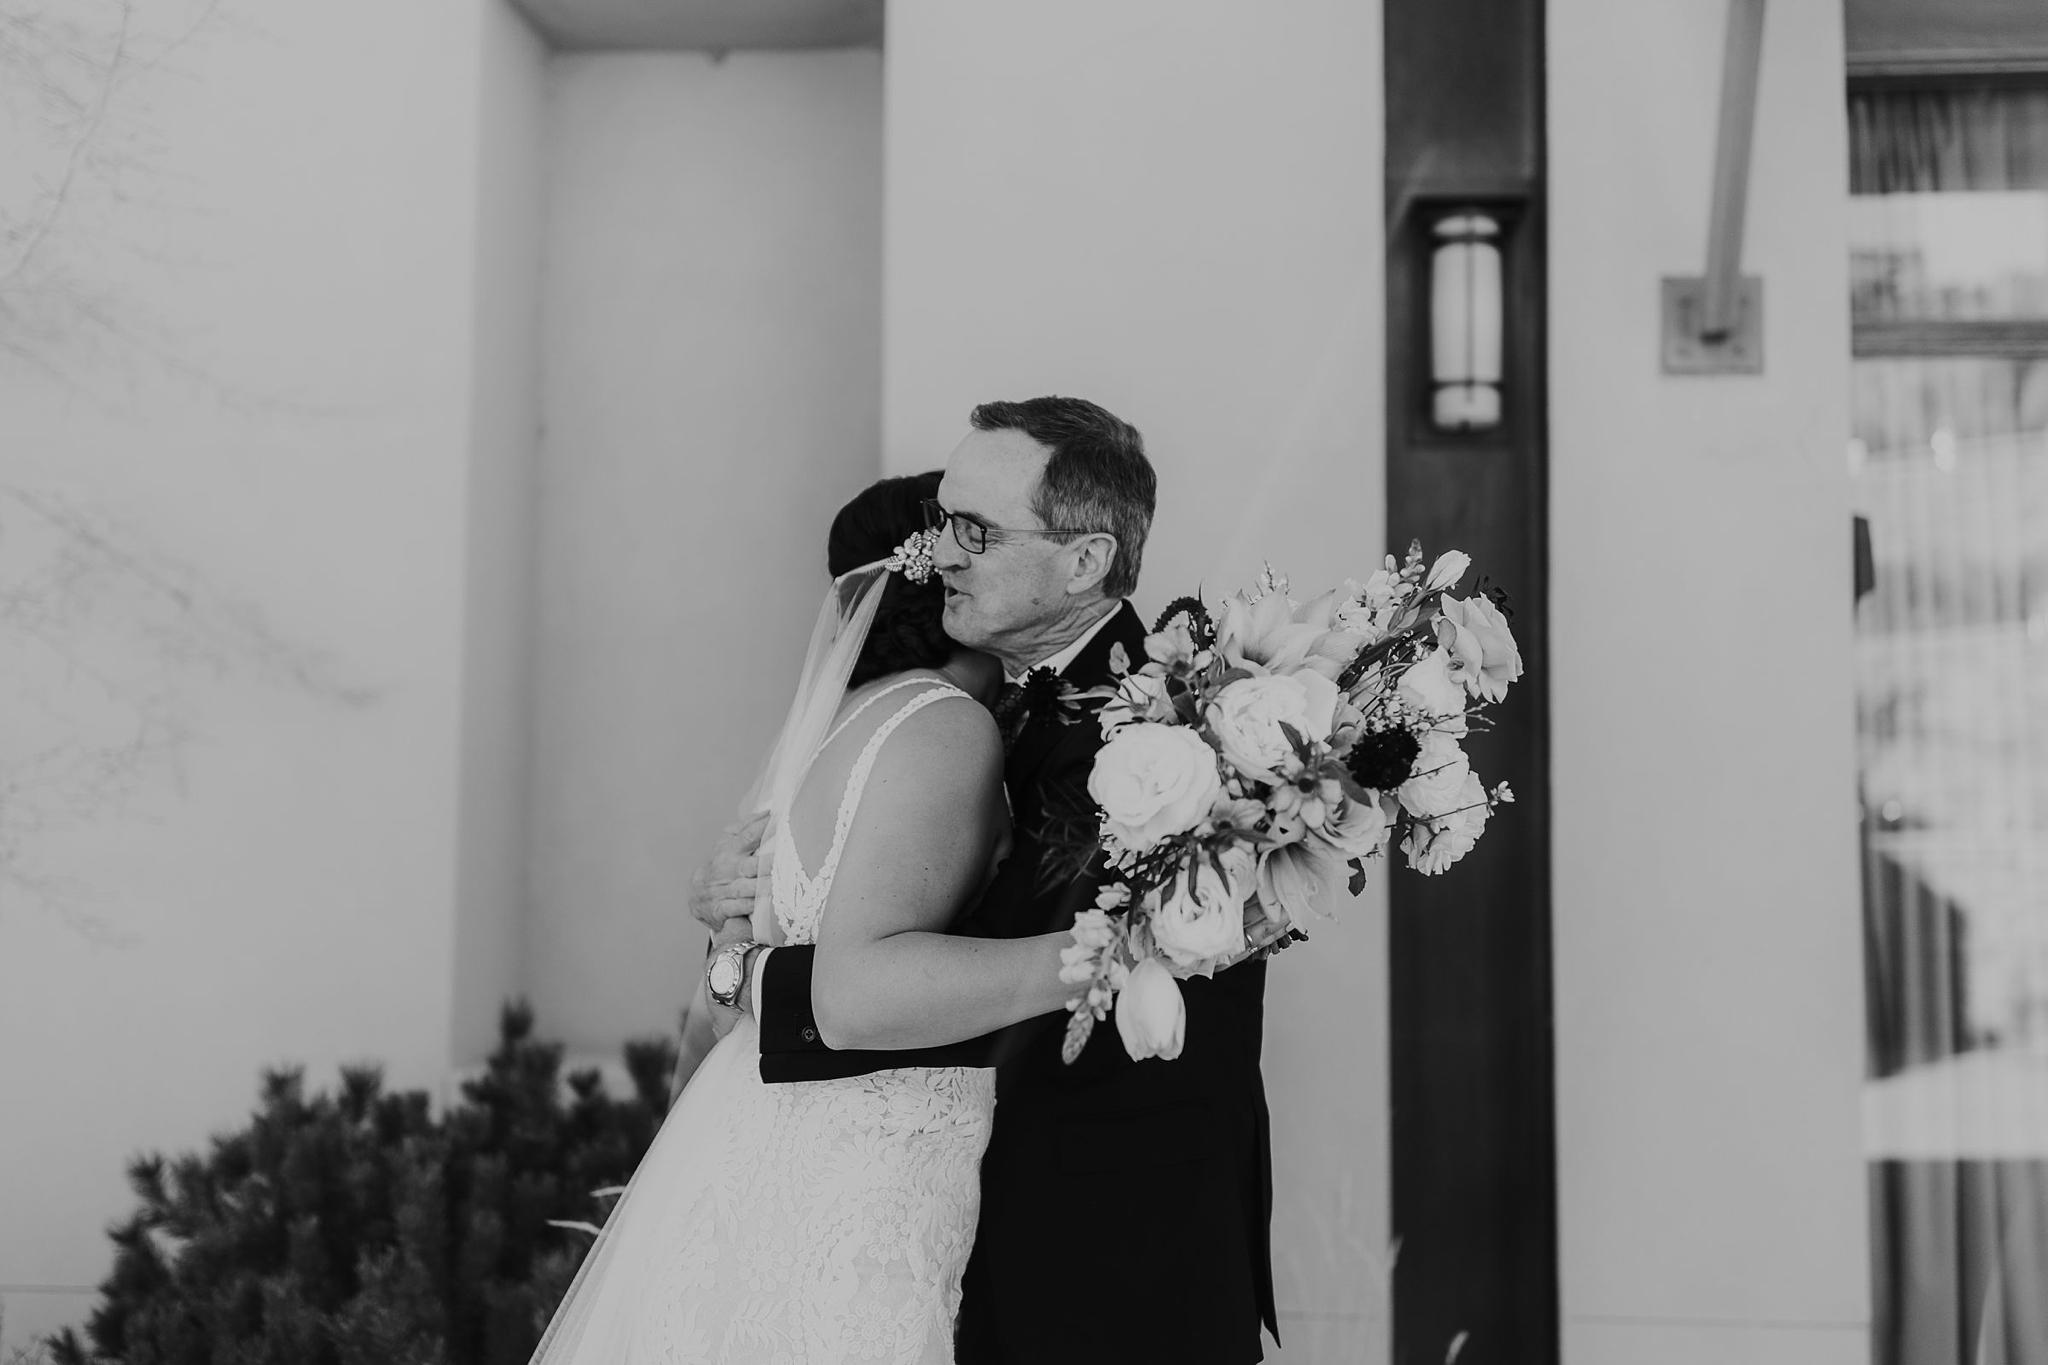 Alicia+lucia+photography+-+albuquerque+wedding+photographer+-+santa+fe+wedding+photography+-+new+mexico+wedding+photographer+-+new+mexico+wedding+-+santa+fe+wedding+-+four+seasons+wedding+-+winter+wedding_0022.jpg